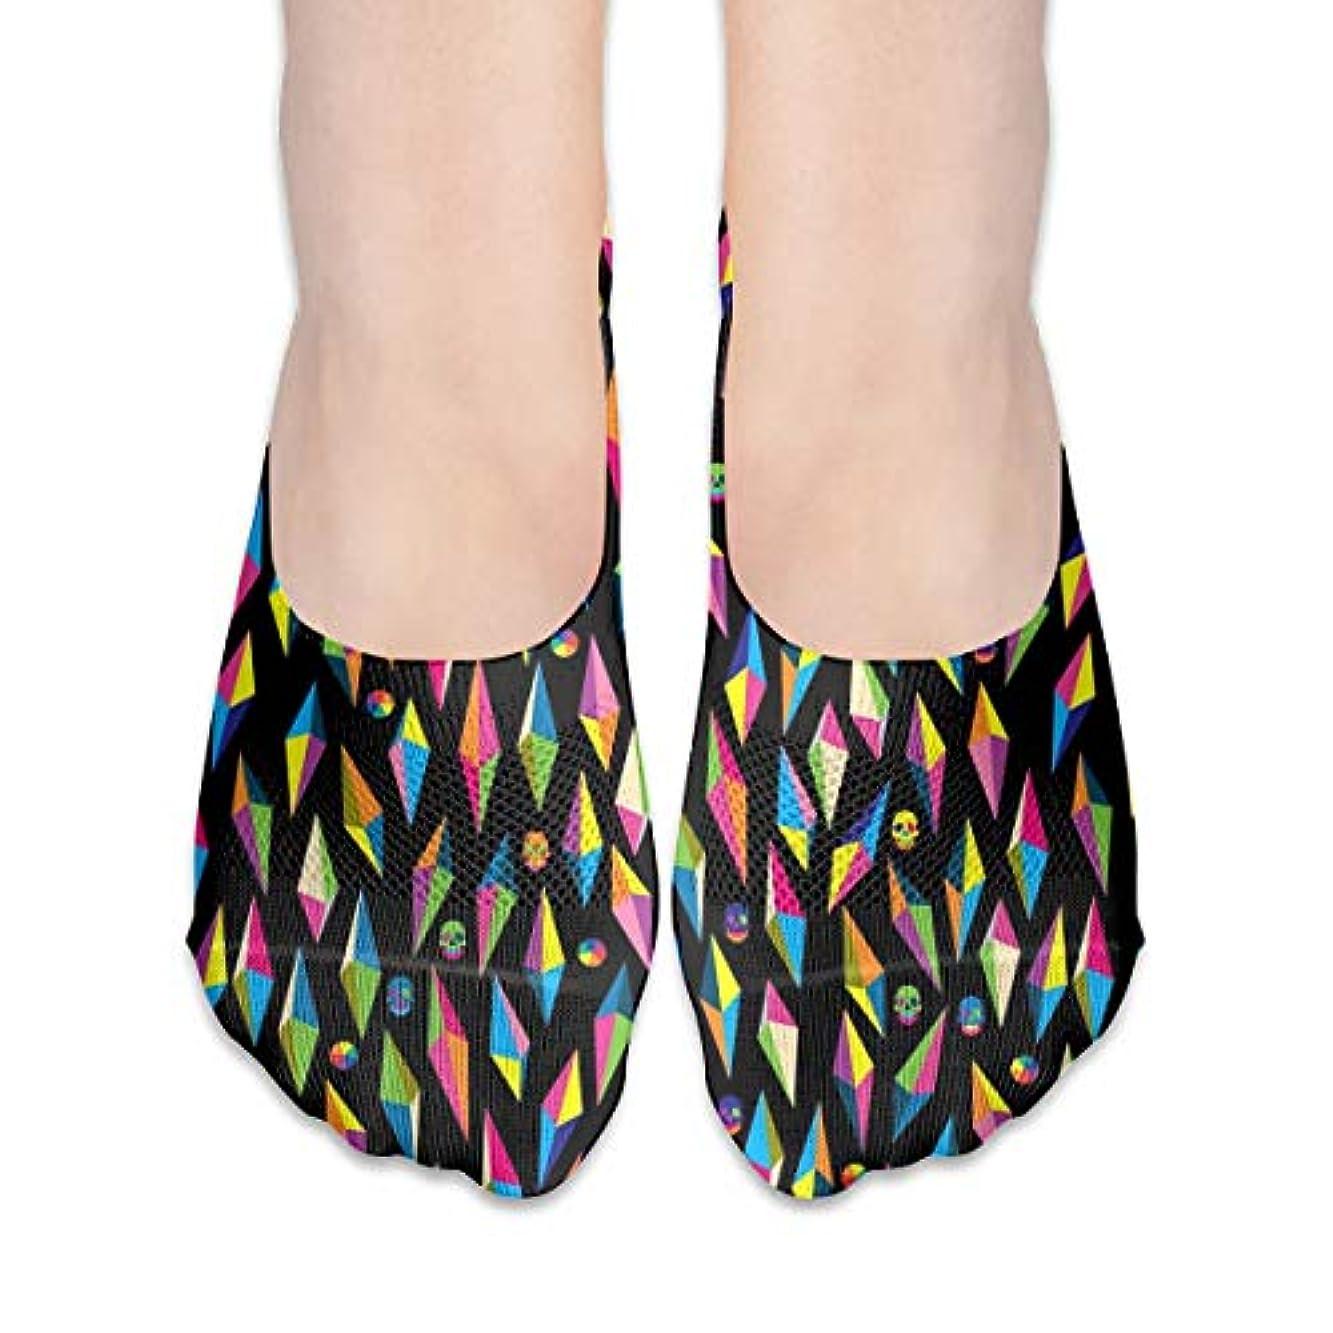 フォアマン実行可能着実に多彩な幾何学的な頭蓋骨のショーの靴下の女性のボートの靴のローファーの靴下、滑り止めのグリップ